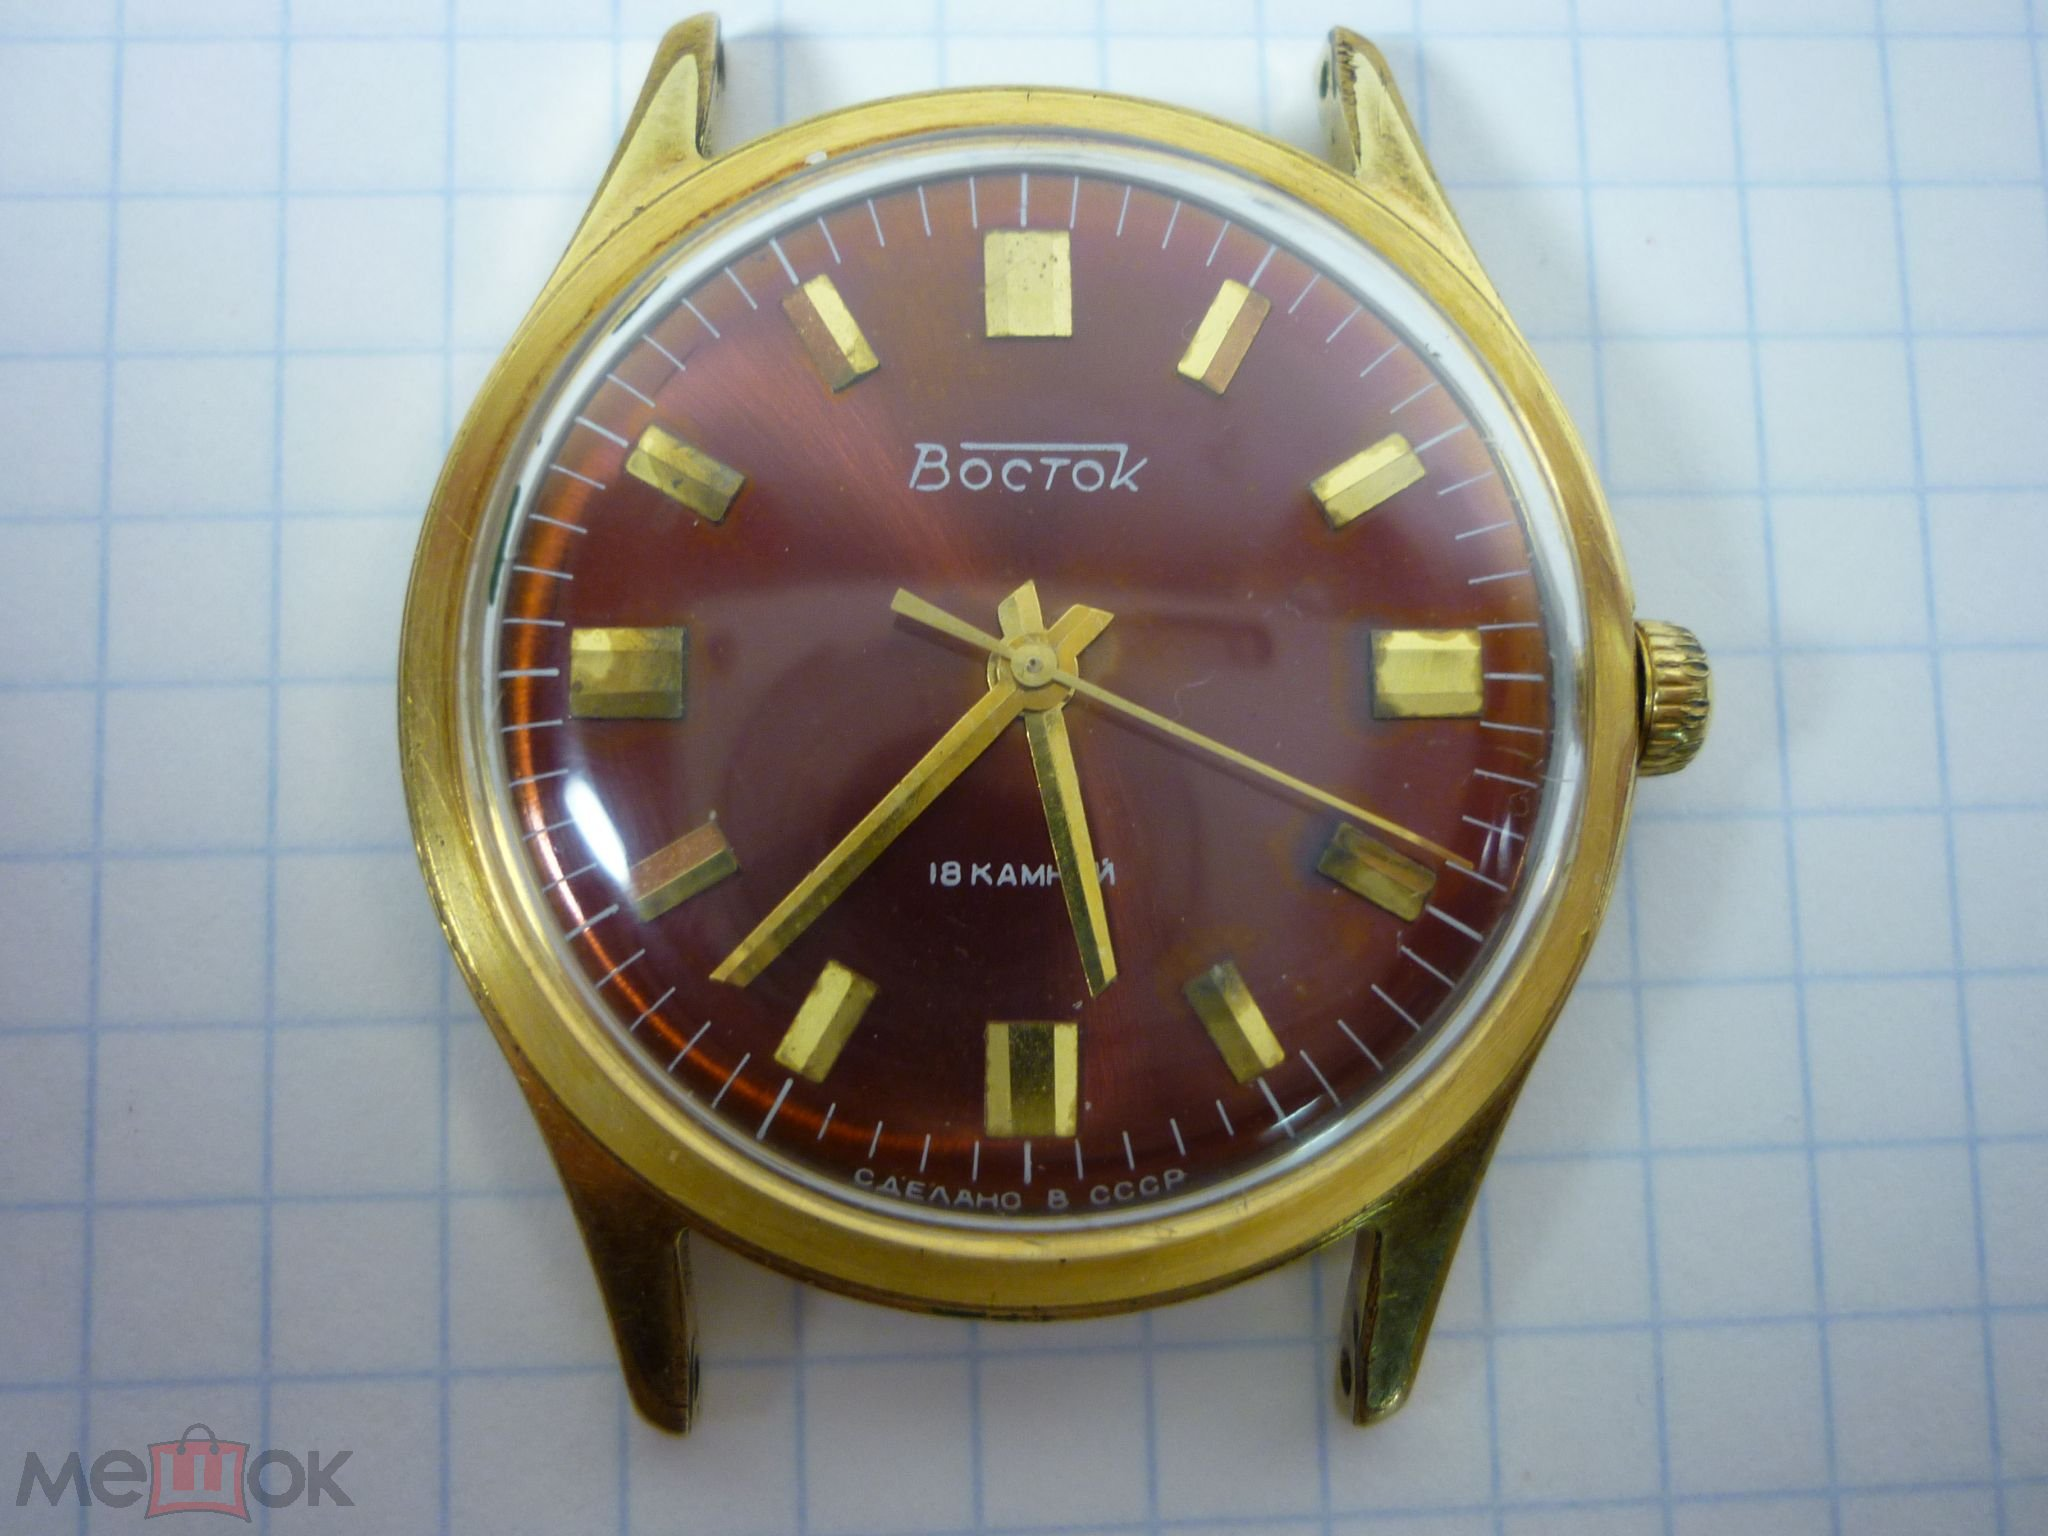 Циферблат для наручных часов восток купить часы наручные женские hermes